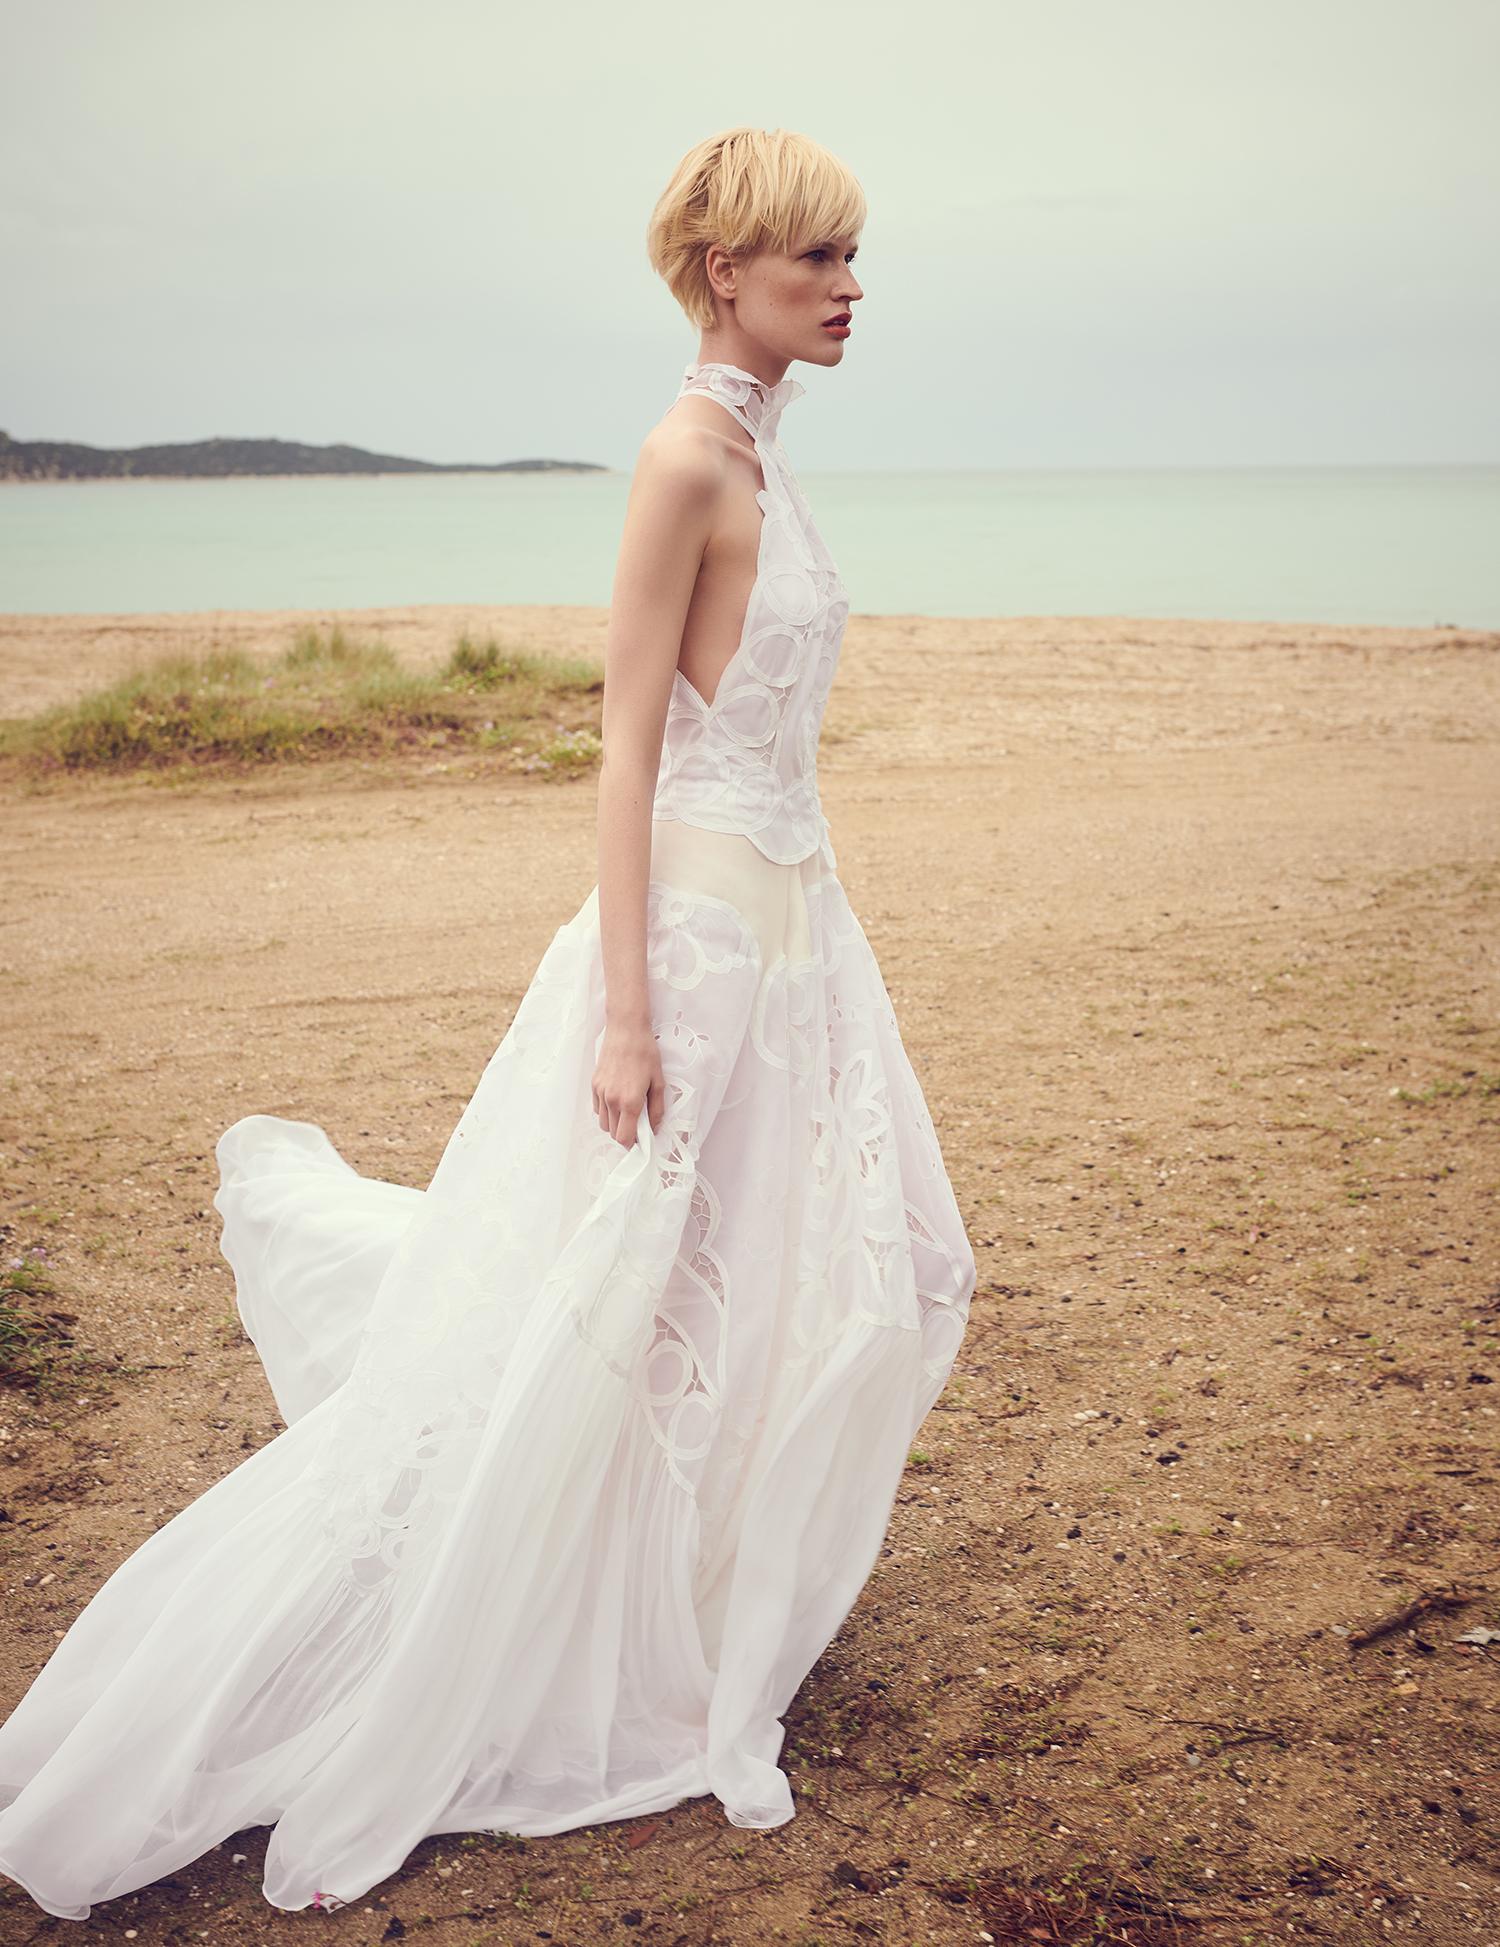 costarellos a line halter top wedding dress spring 2020